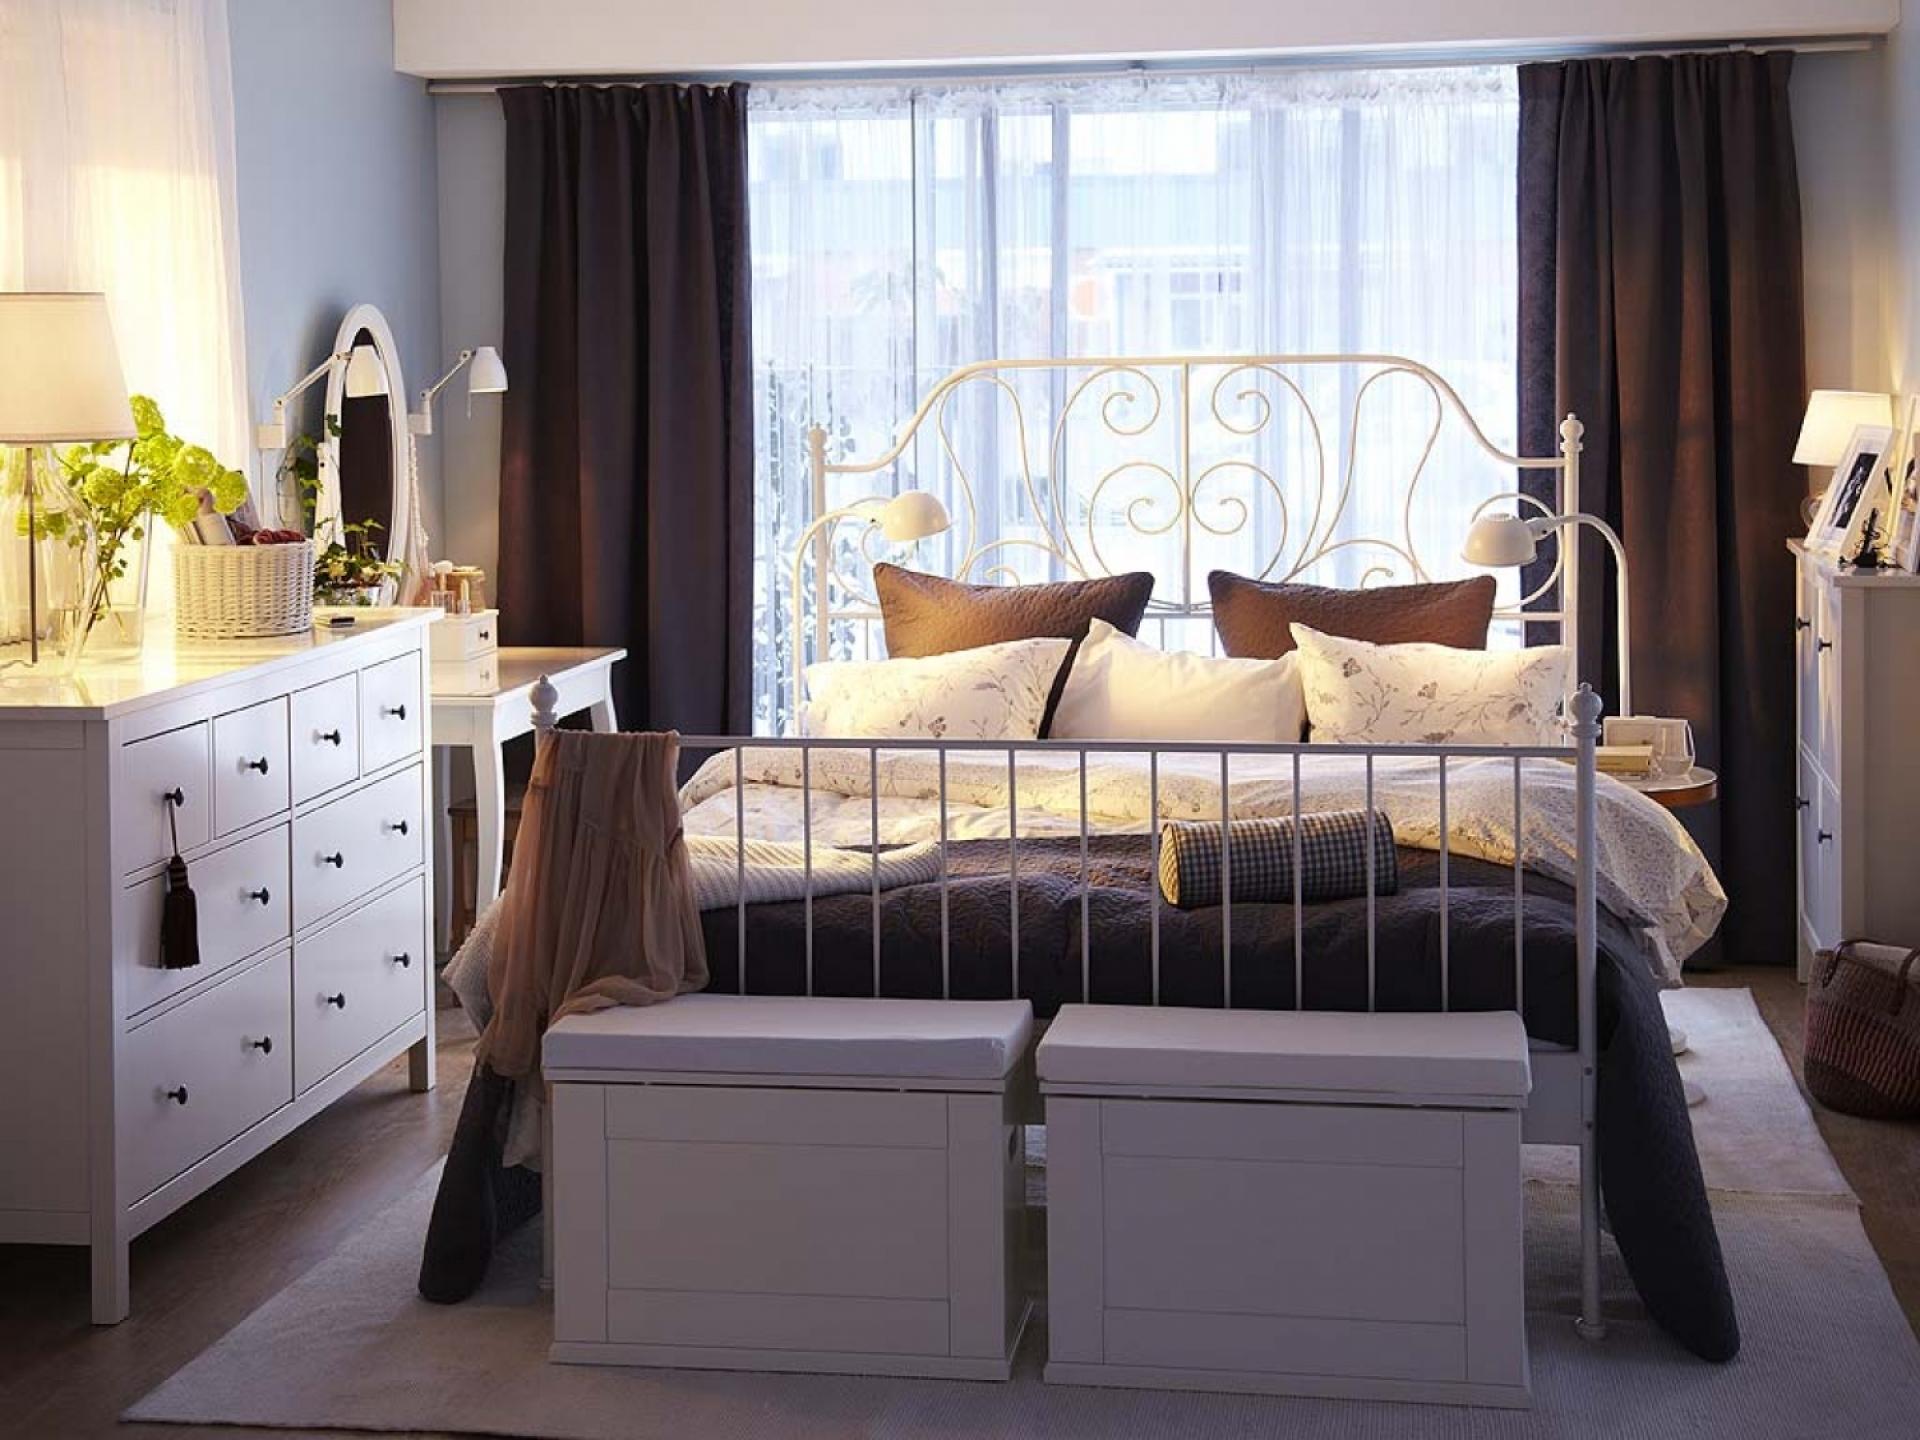 Кровать лейрвик фото в интерьере